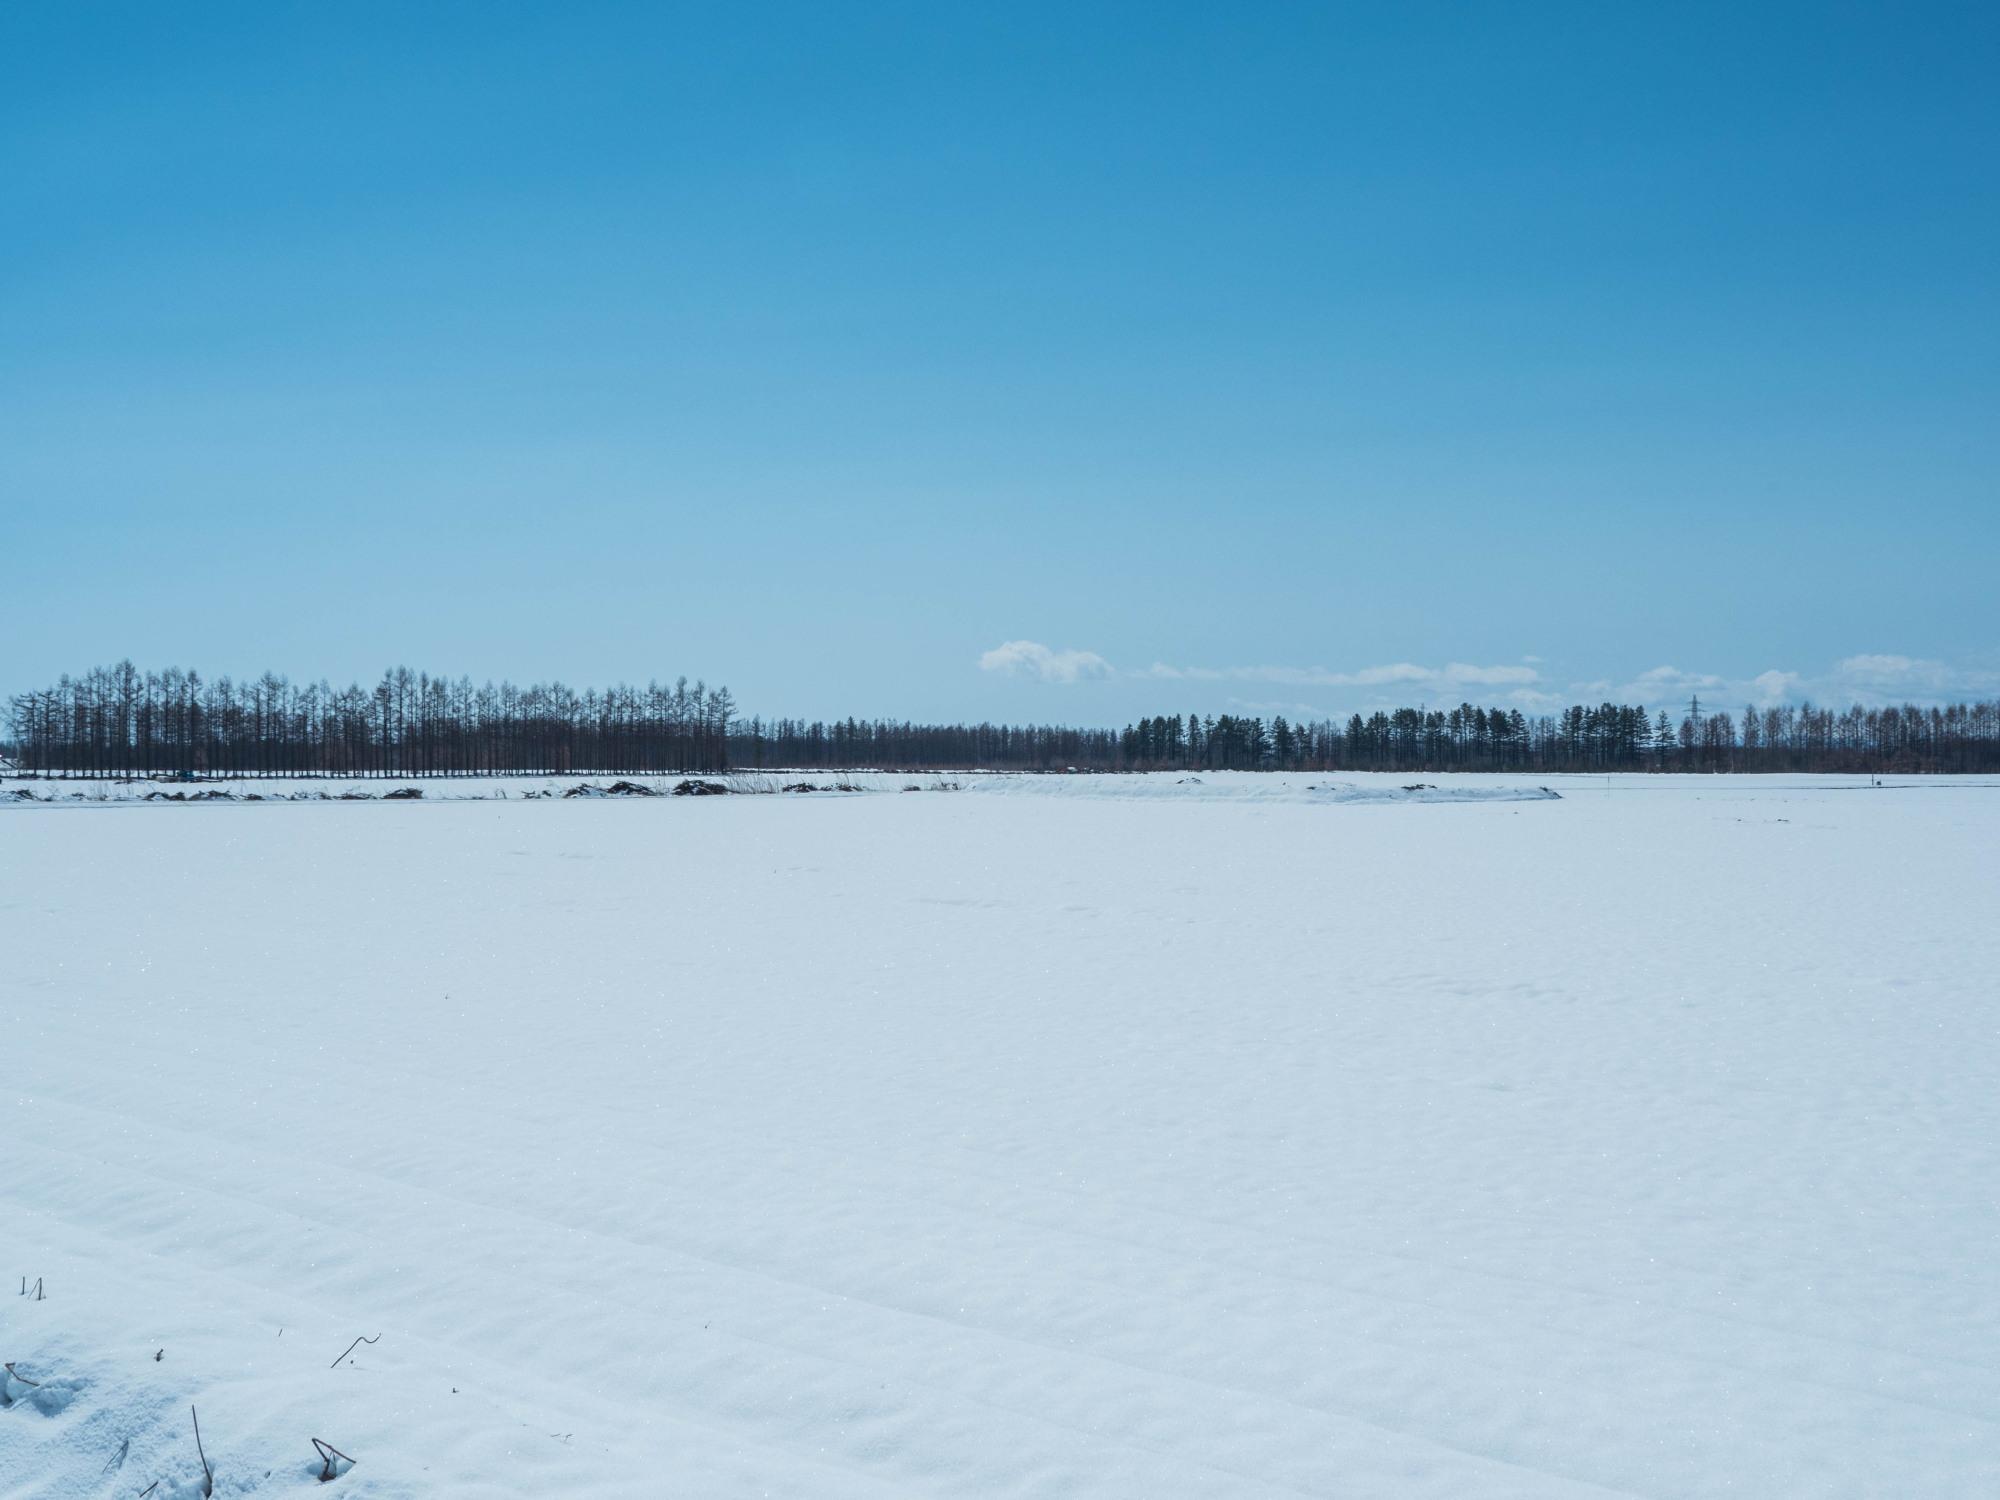 4月中旬ですが・・2夜連続積雪で畑はすっかり雪景色。_f0276498_22410771.jpg